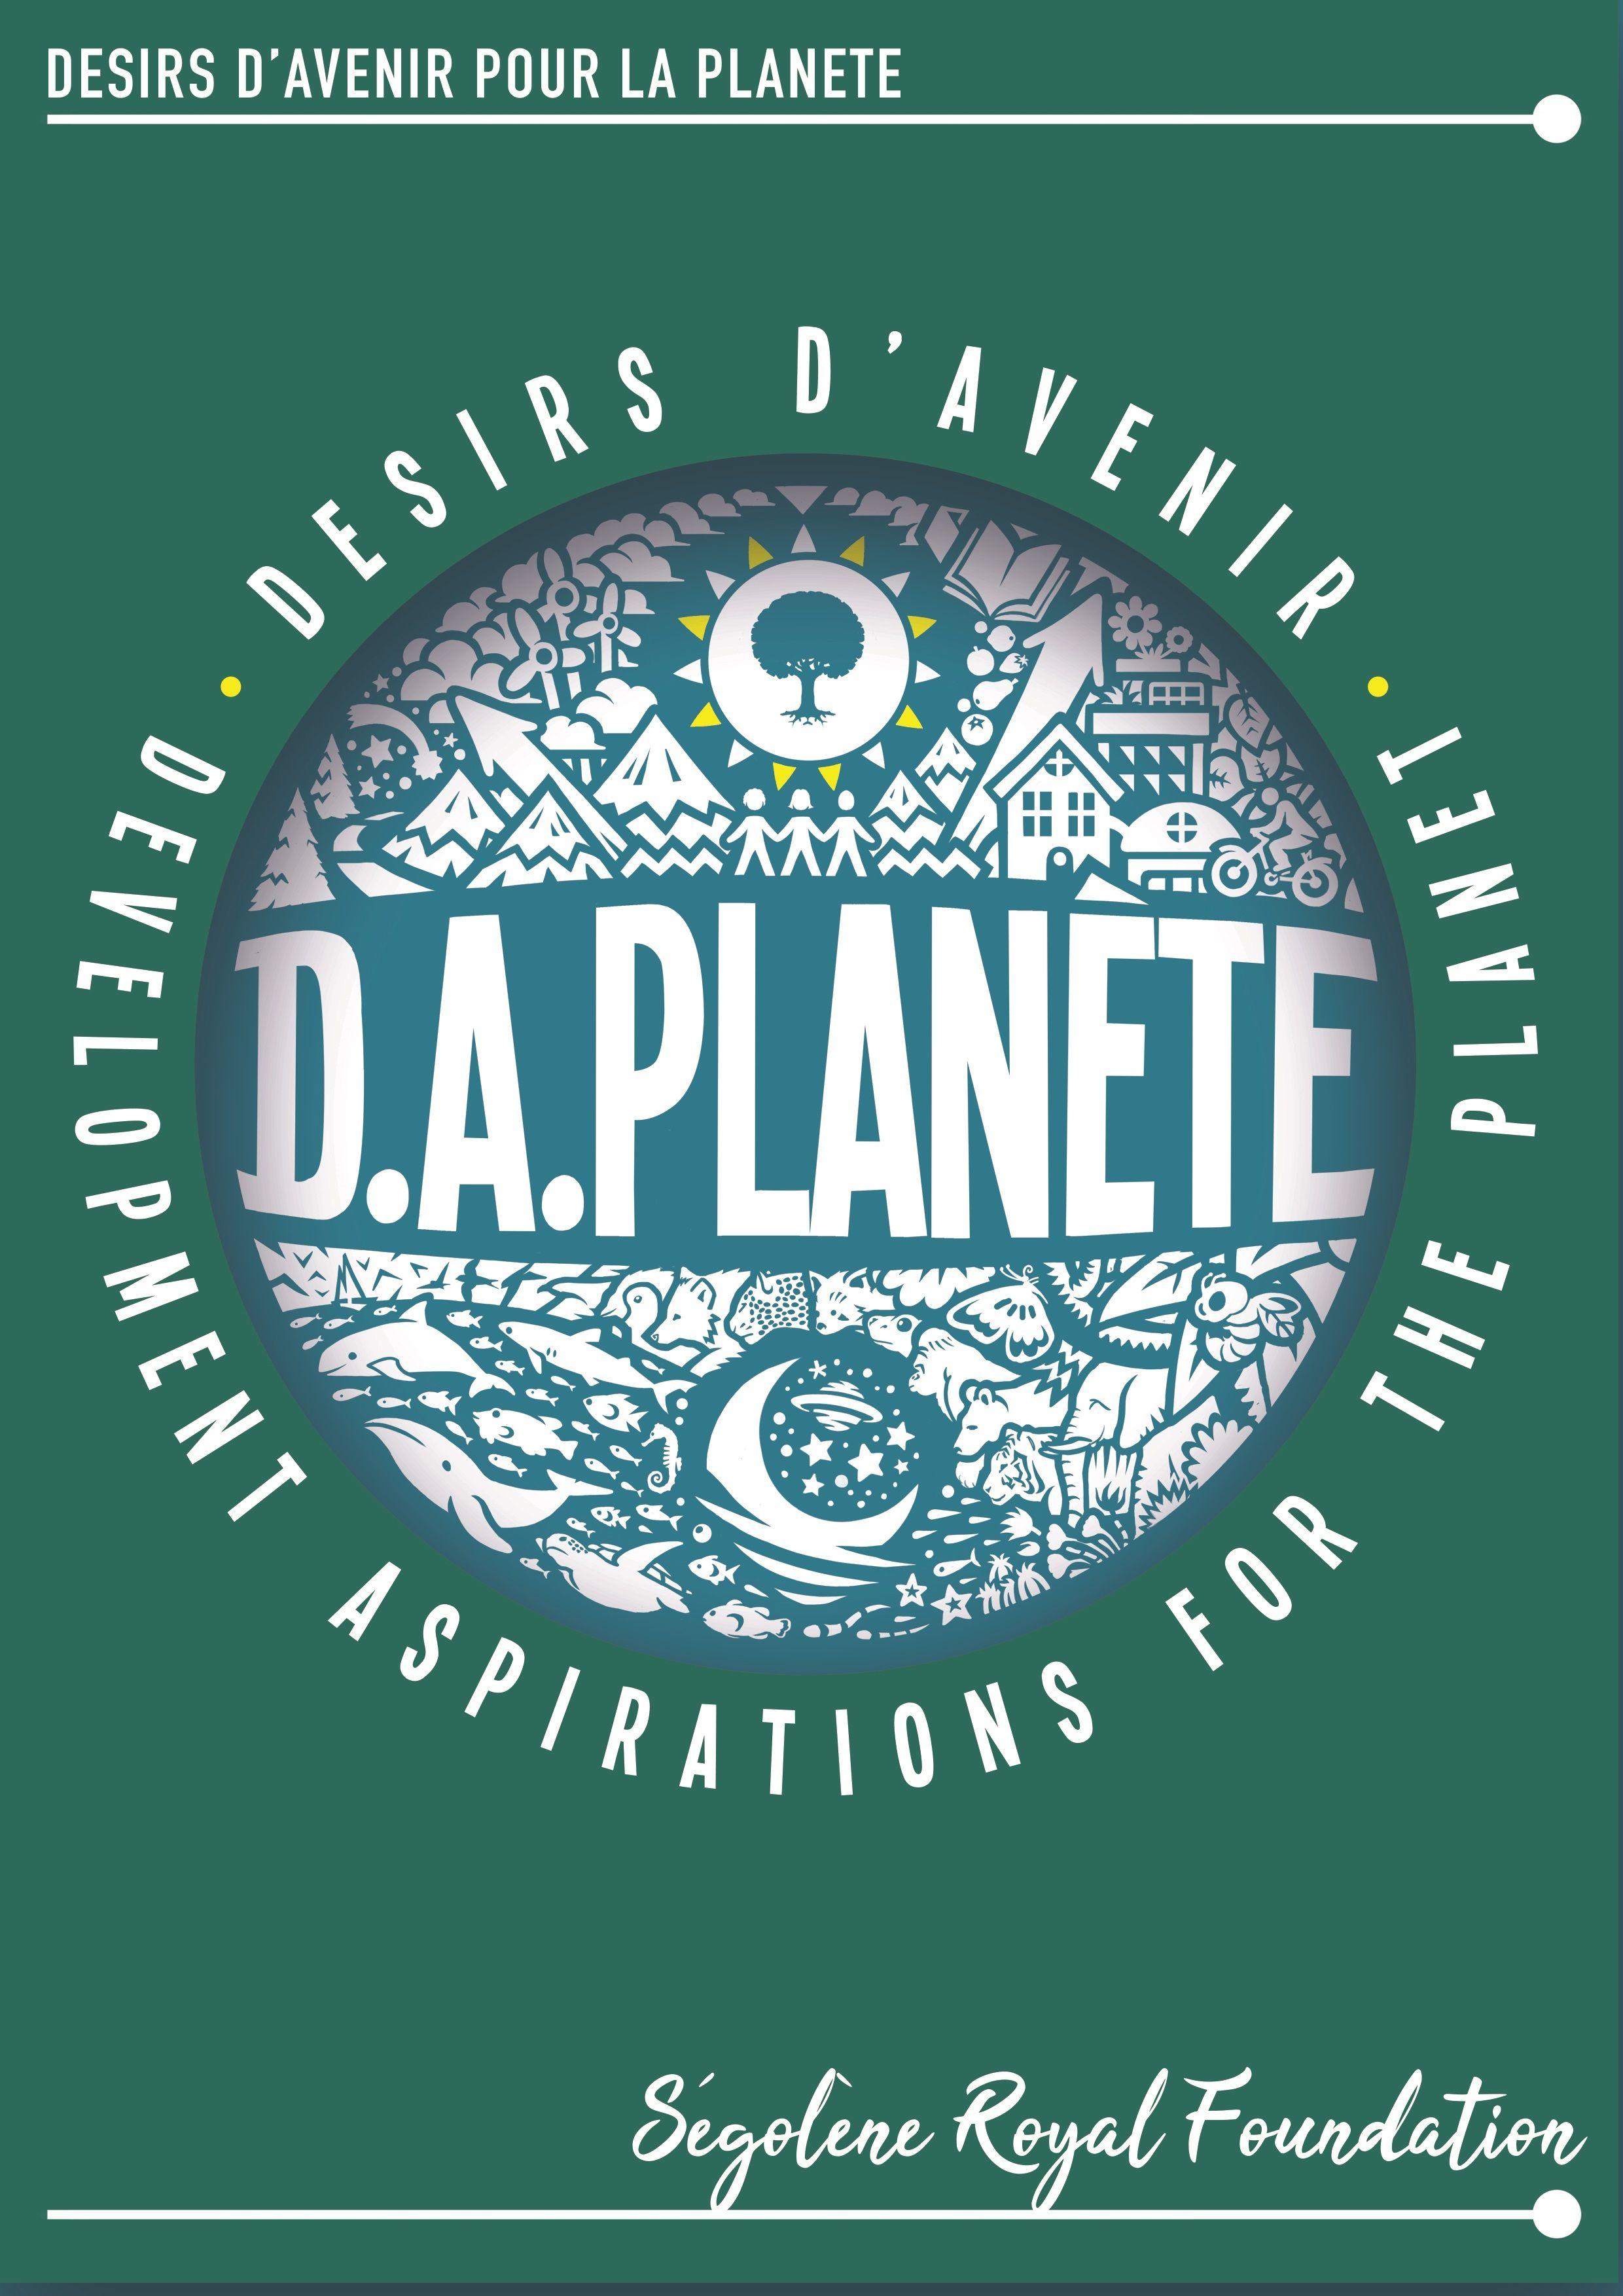 présentation de Désirs d'Avenir pour la Planète